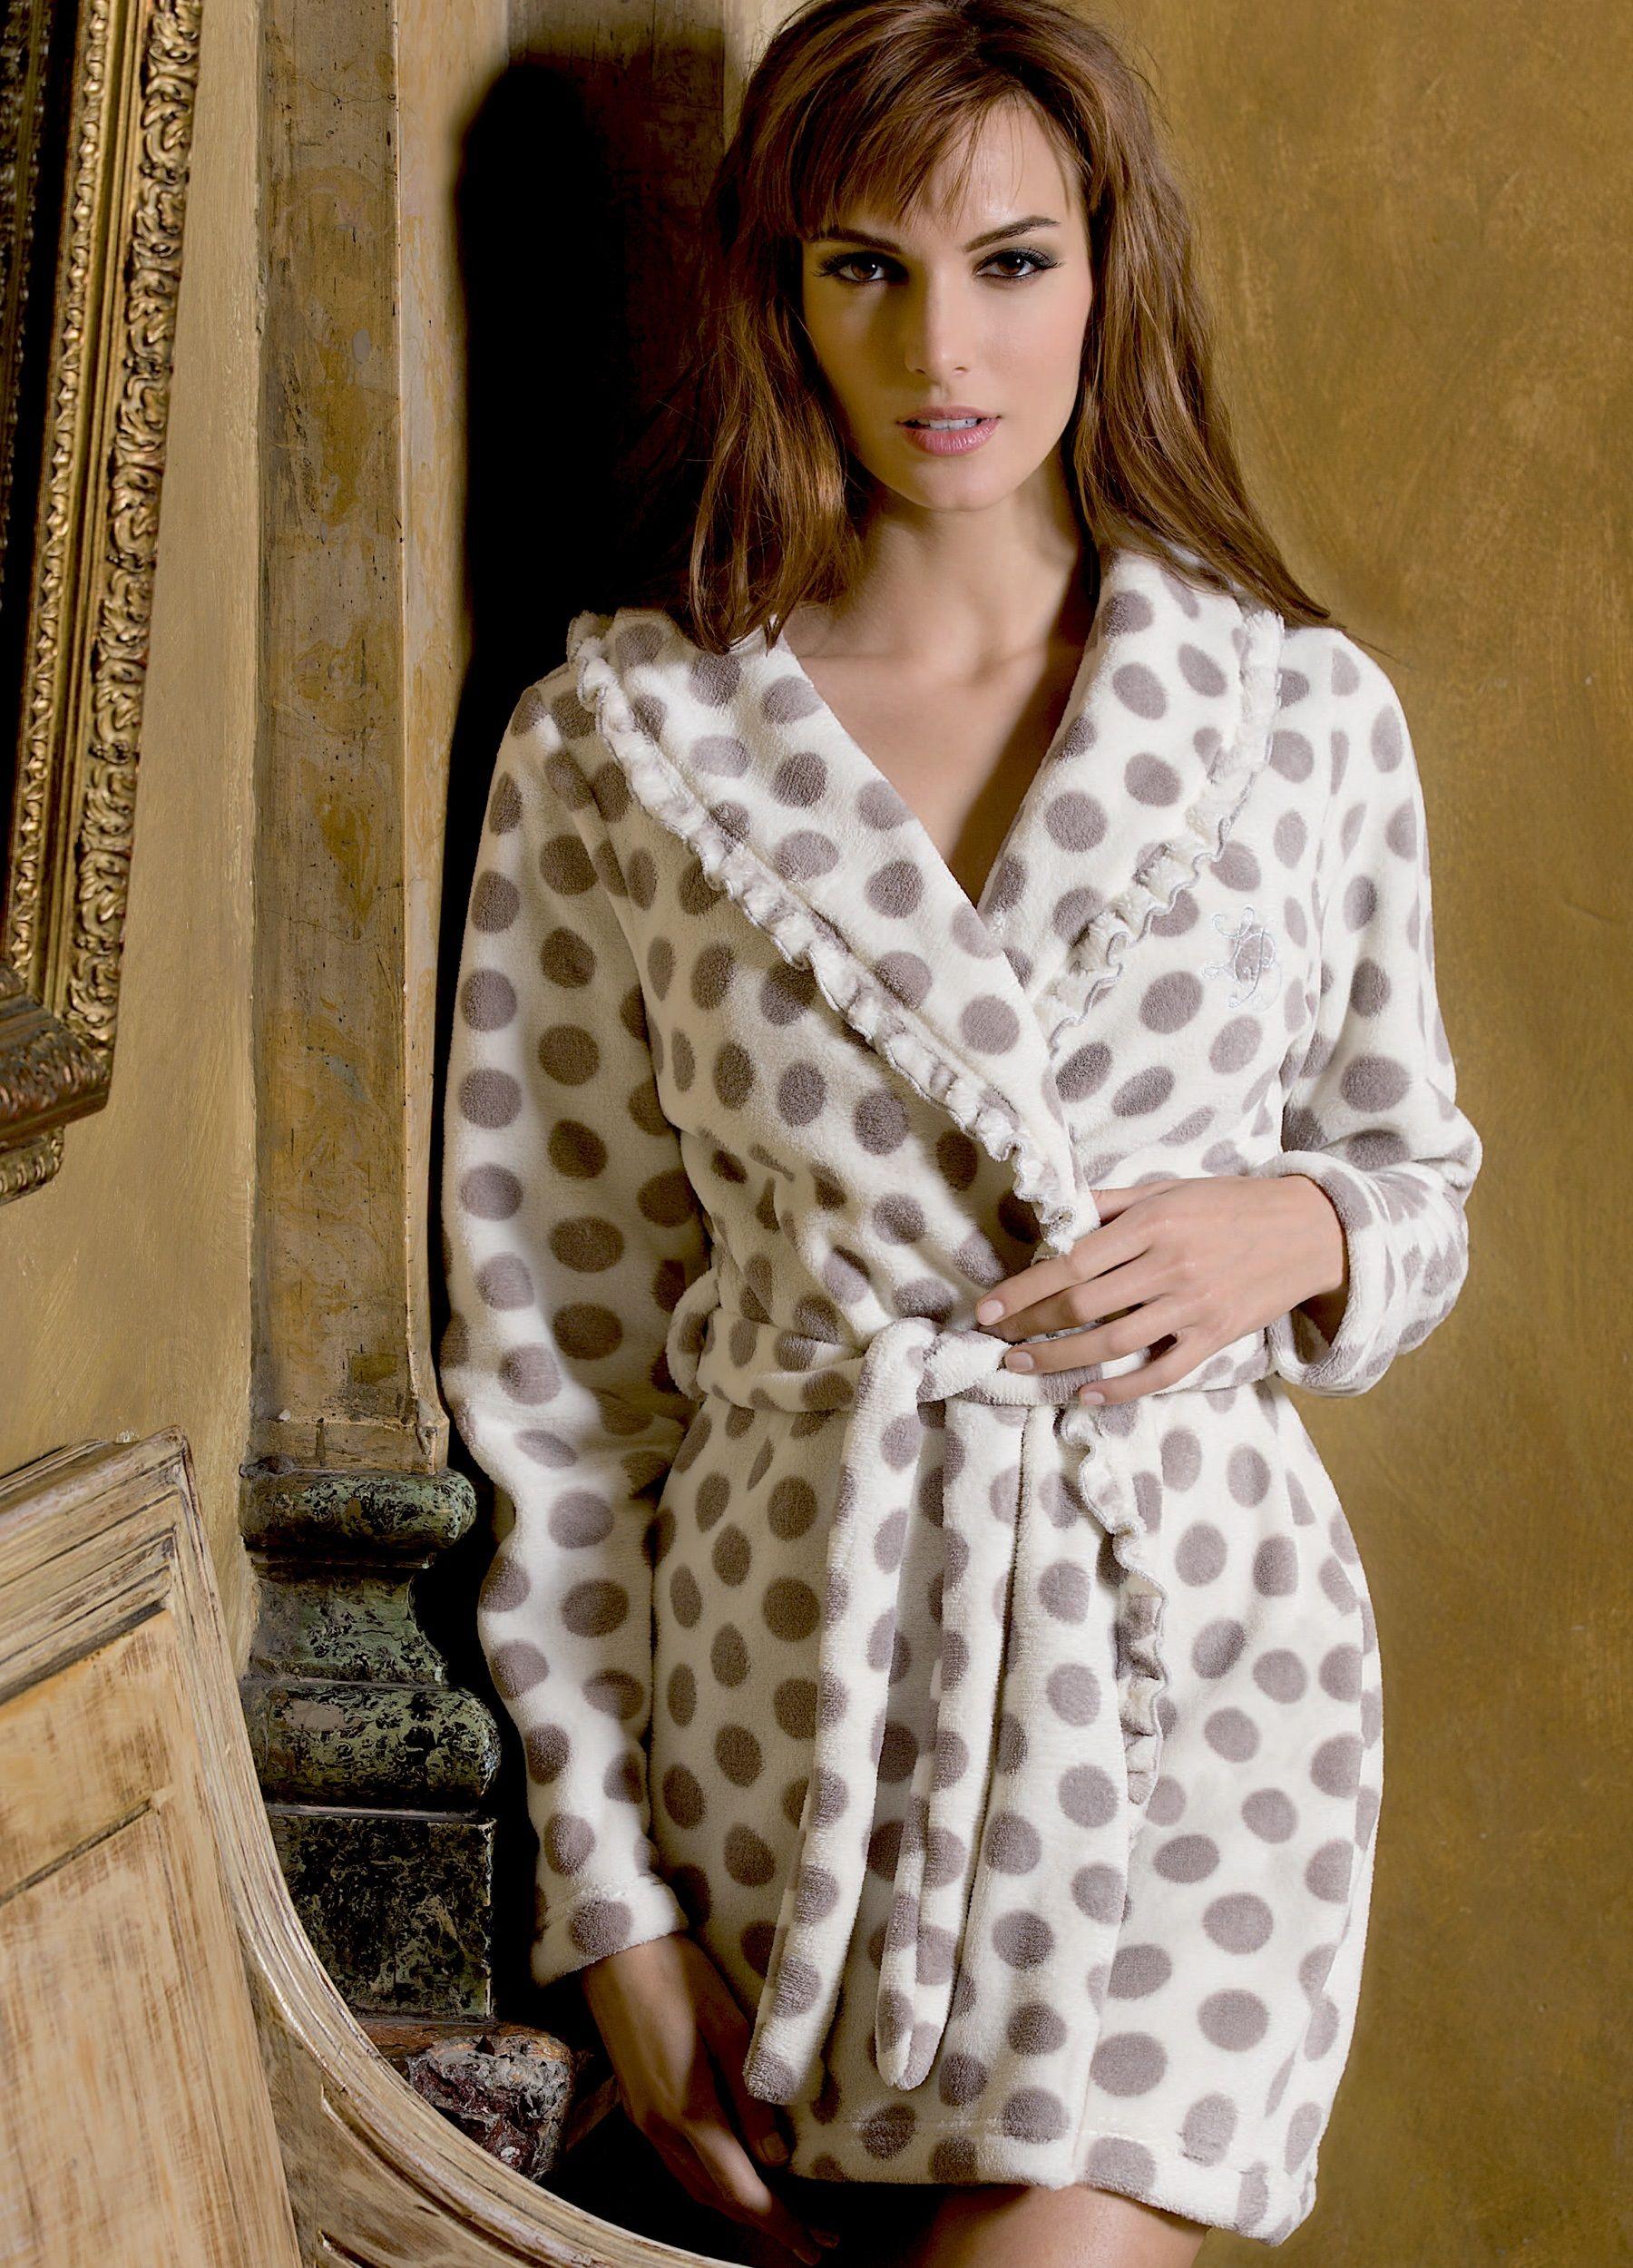 Tenue D Intérieur Femme Polaire : pingl par r servoir mode sur laura biagiotti homewear ~ Nature-et-papiers.com Idées de Décoration